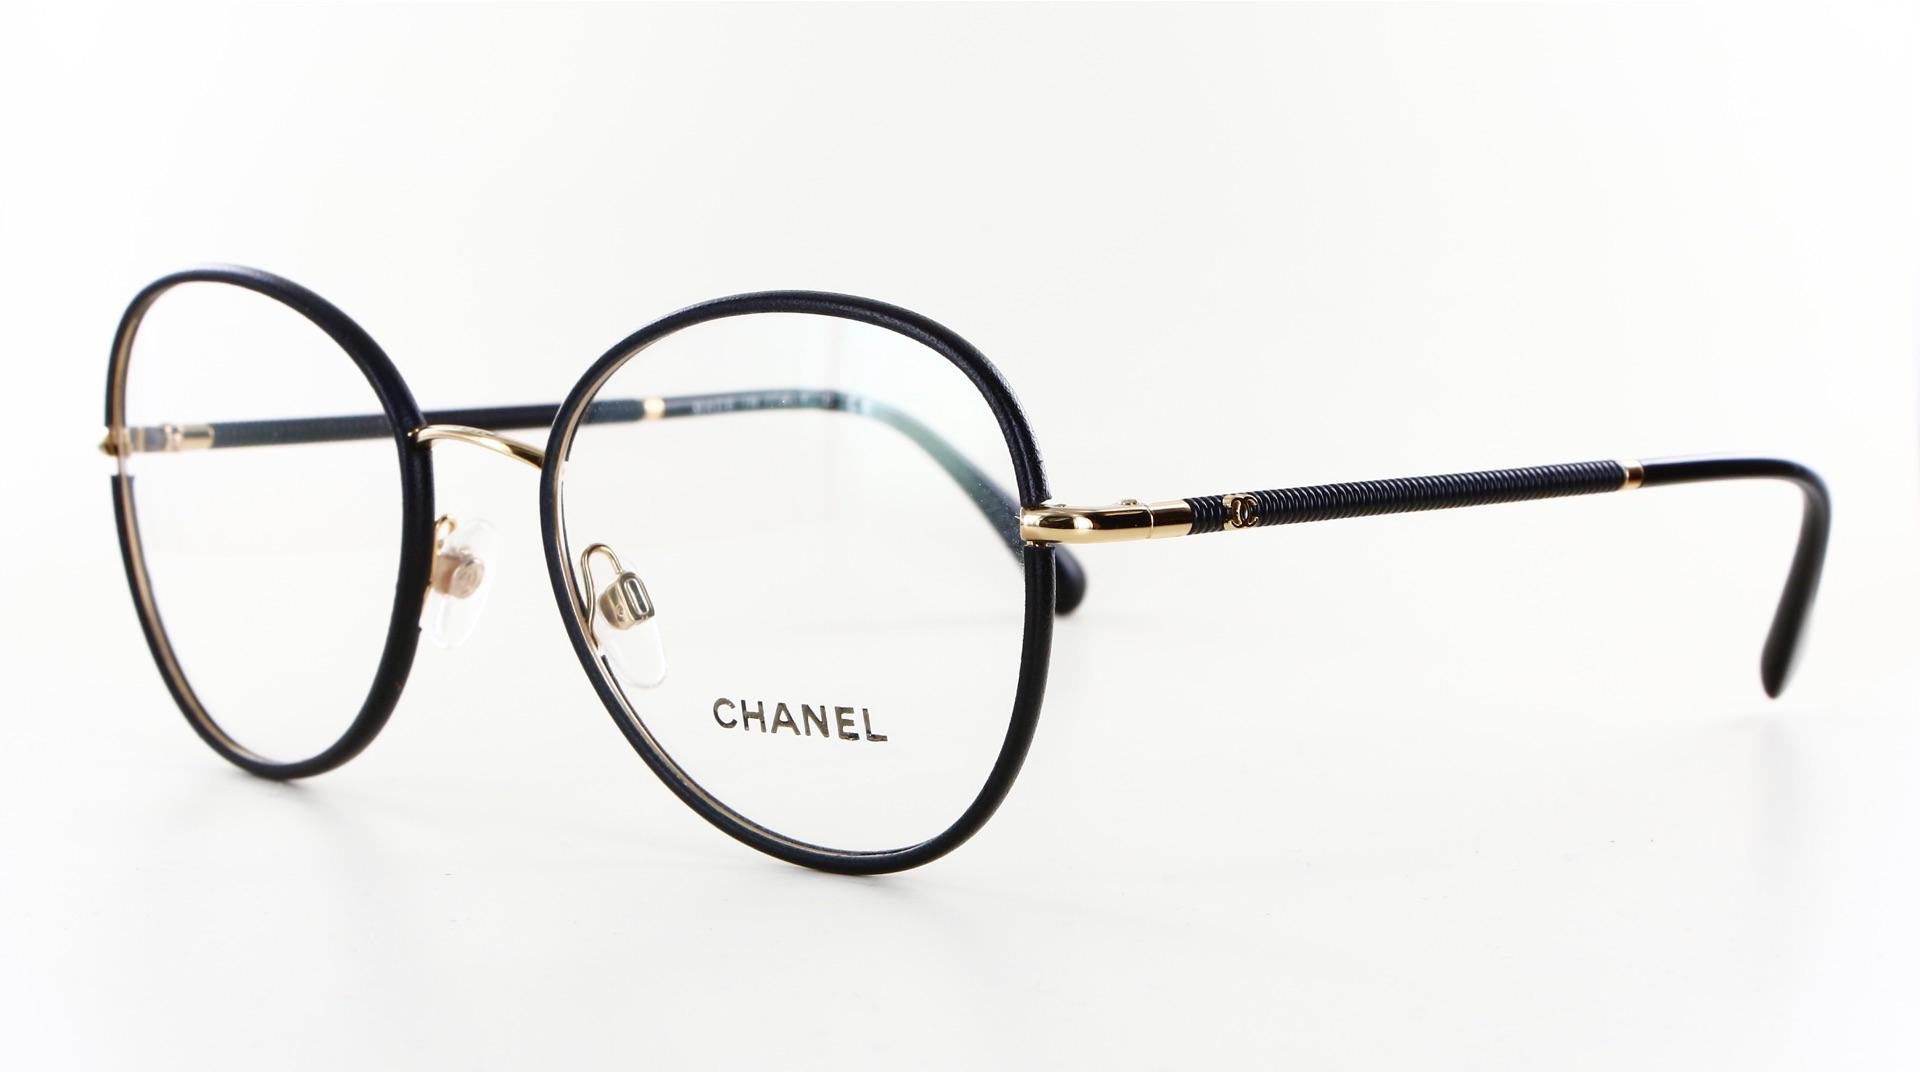 Chanel - ref: 78390